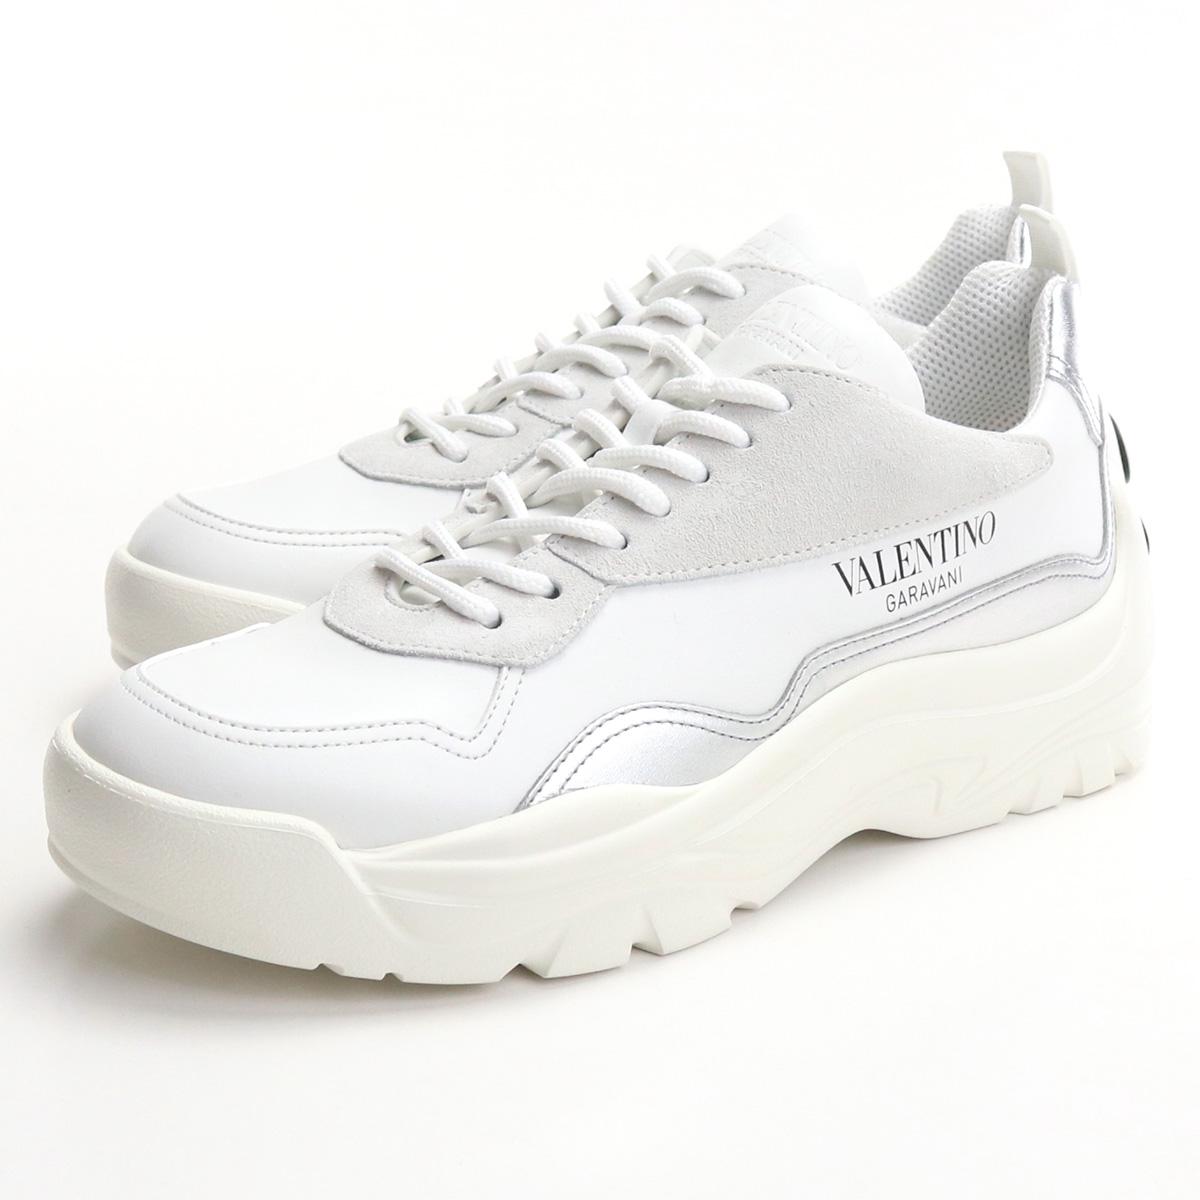 低価格 ヴァレンティノ VALENTINO メンズスニーカー ローカット UY0S0B17 PSD GR9 ホワイト系 シルバー系 bos-18 shoes-01 メンズ, ミナミウワグン 6edbca76